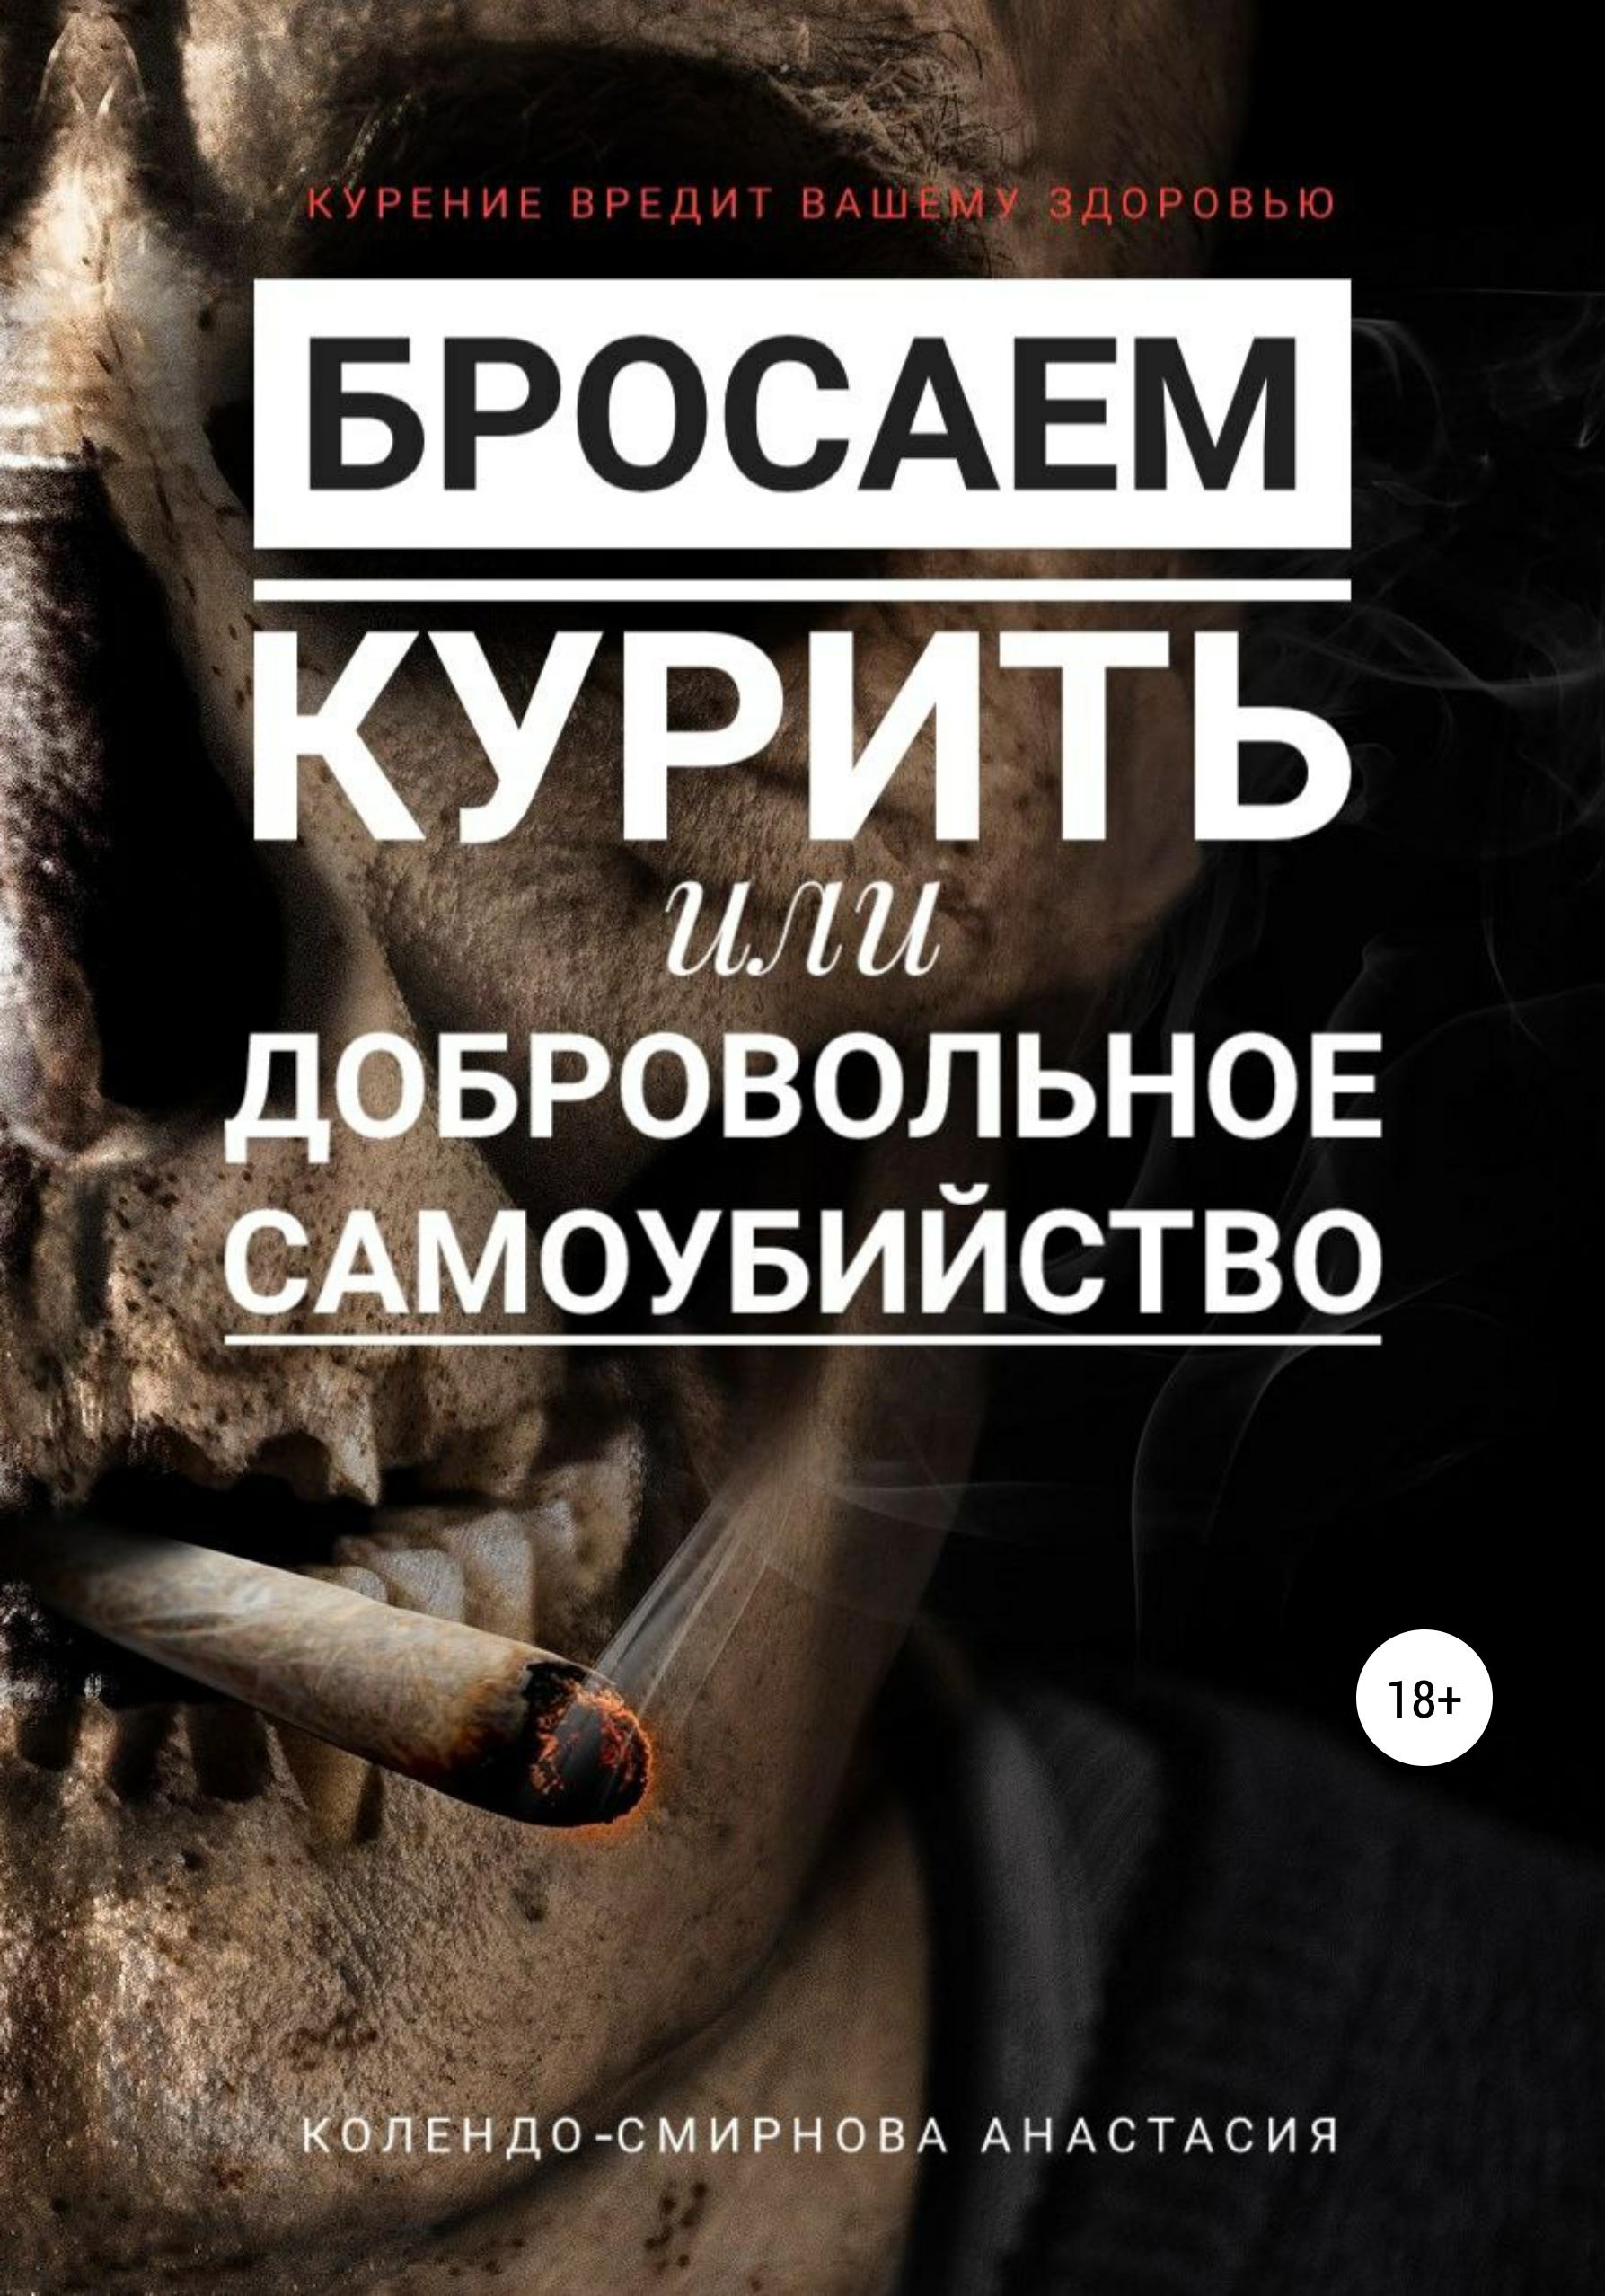 Бросаем курить, или Добровольное самоубийство